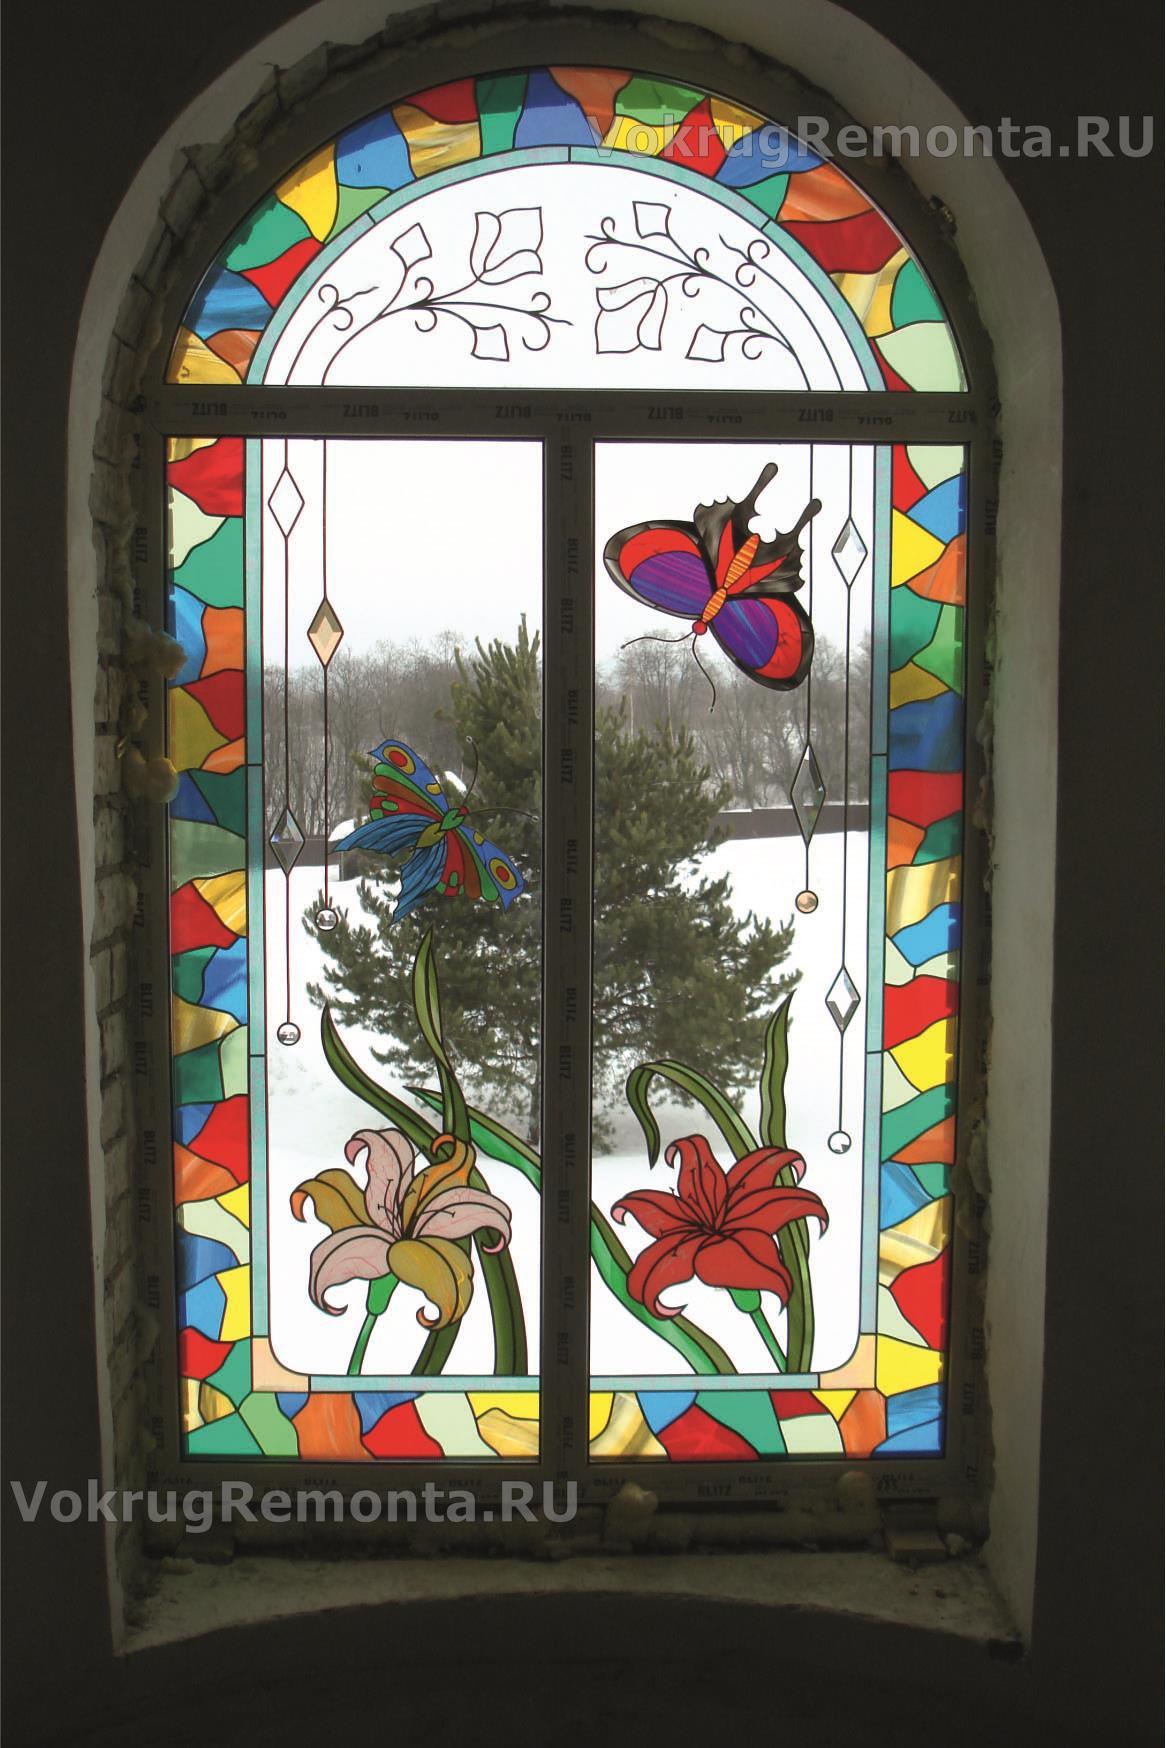 Обои лестница, Цвет, Витраж, стекло, окно. Города foto 9